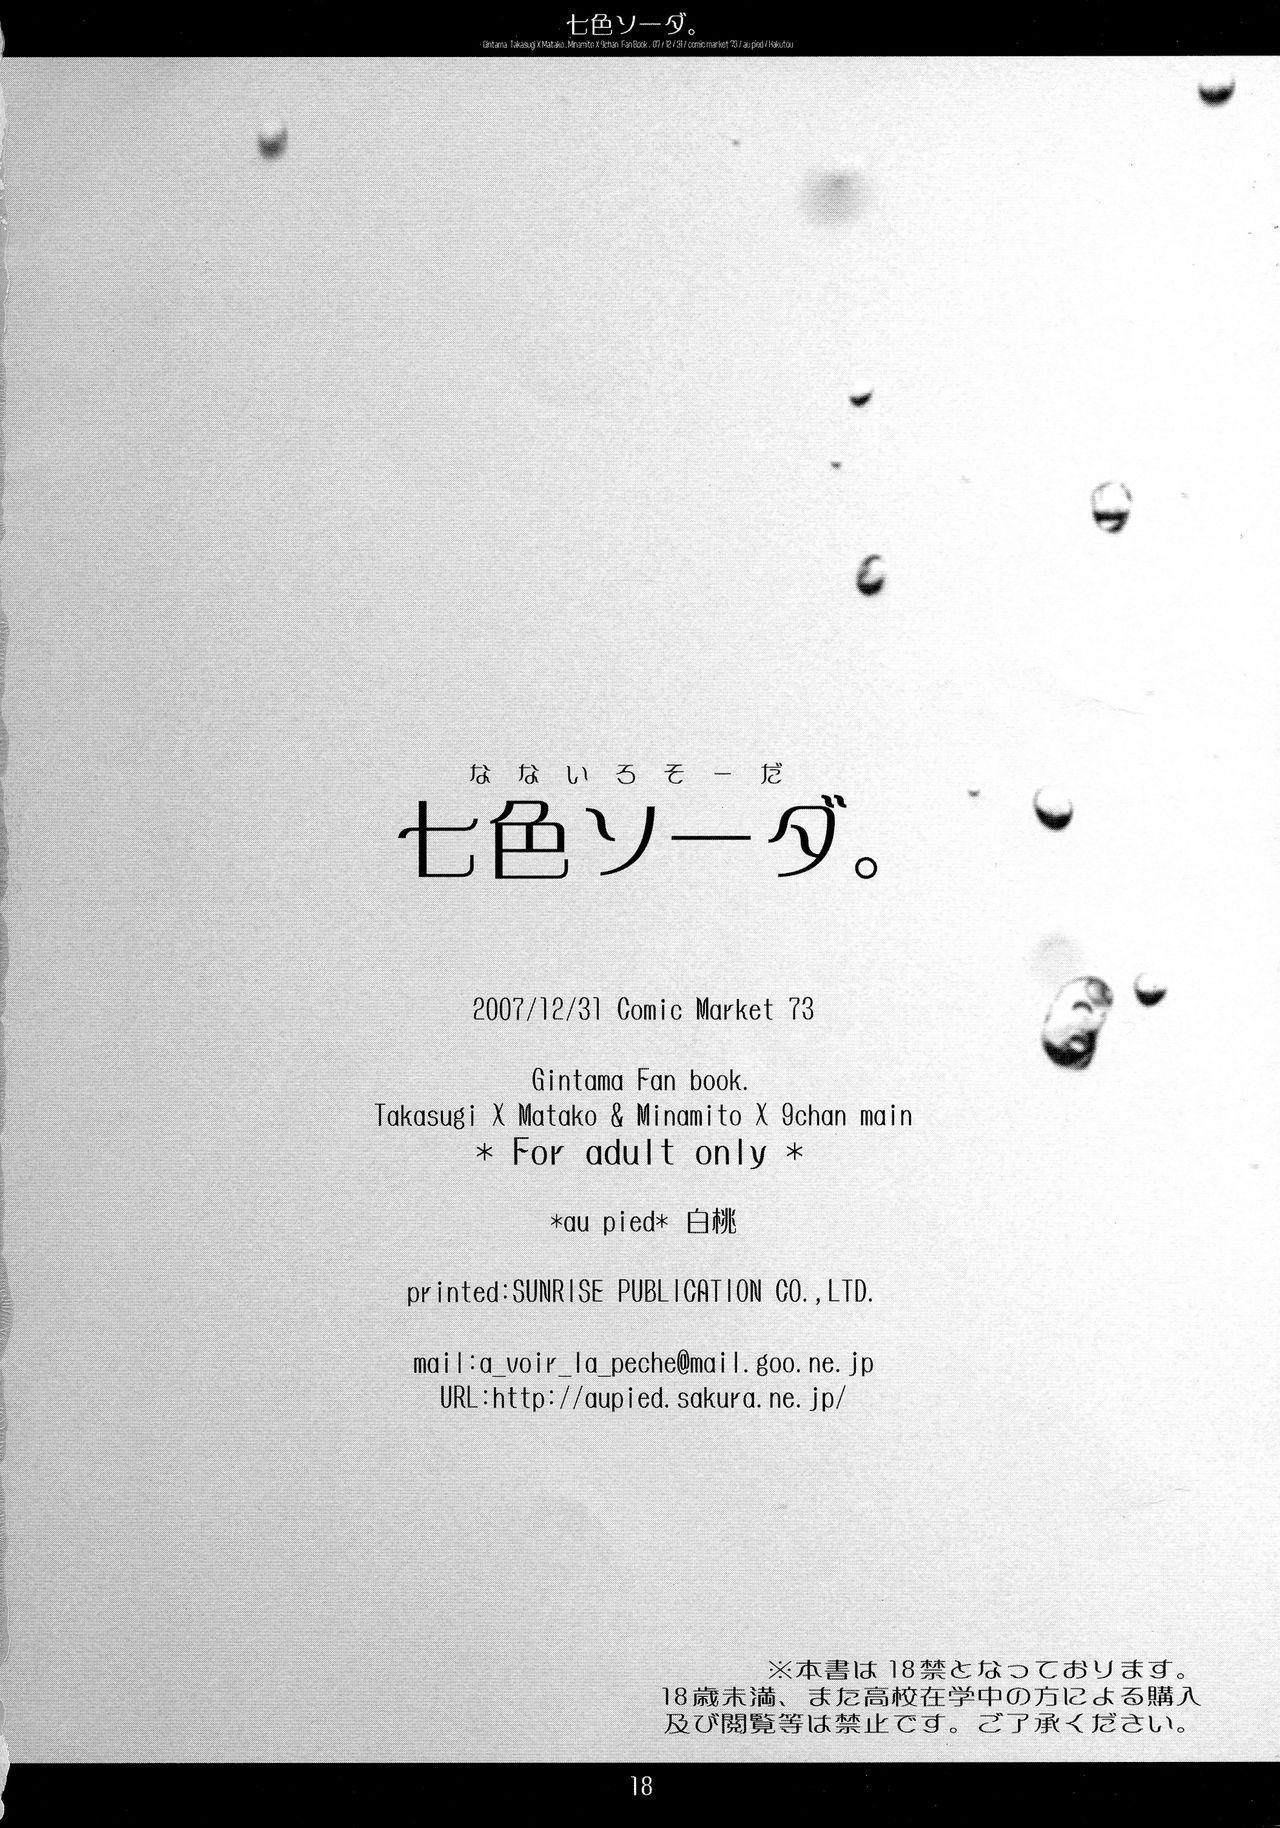 Nanairo Soda. 10